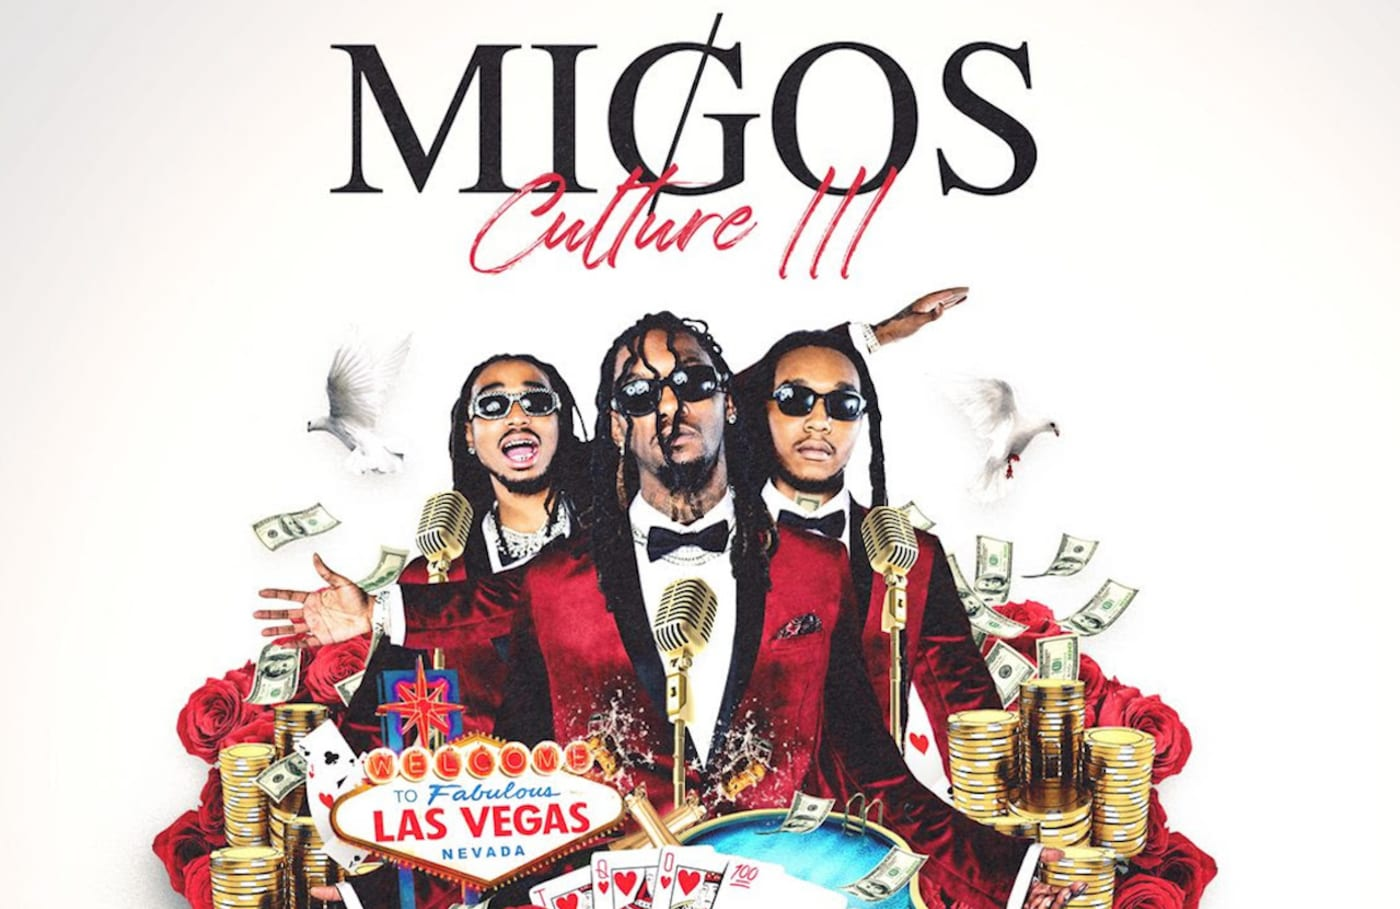 Migos Culture III